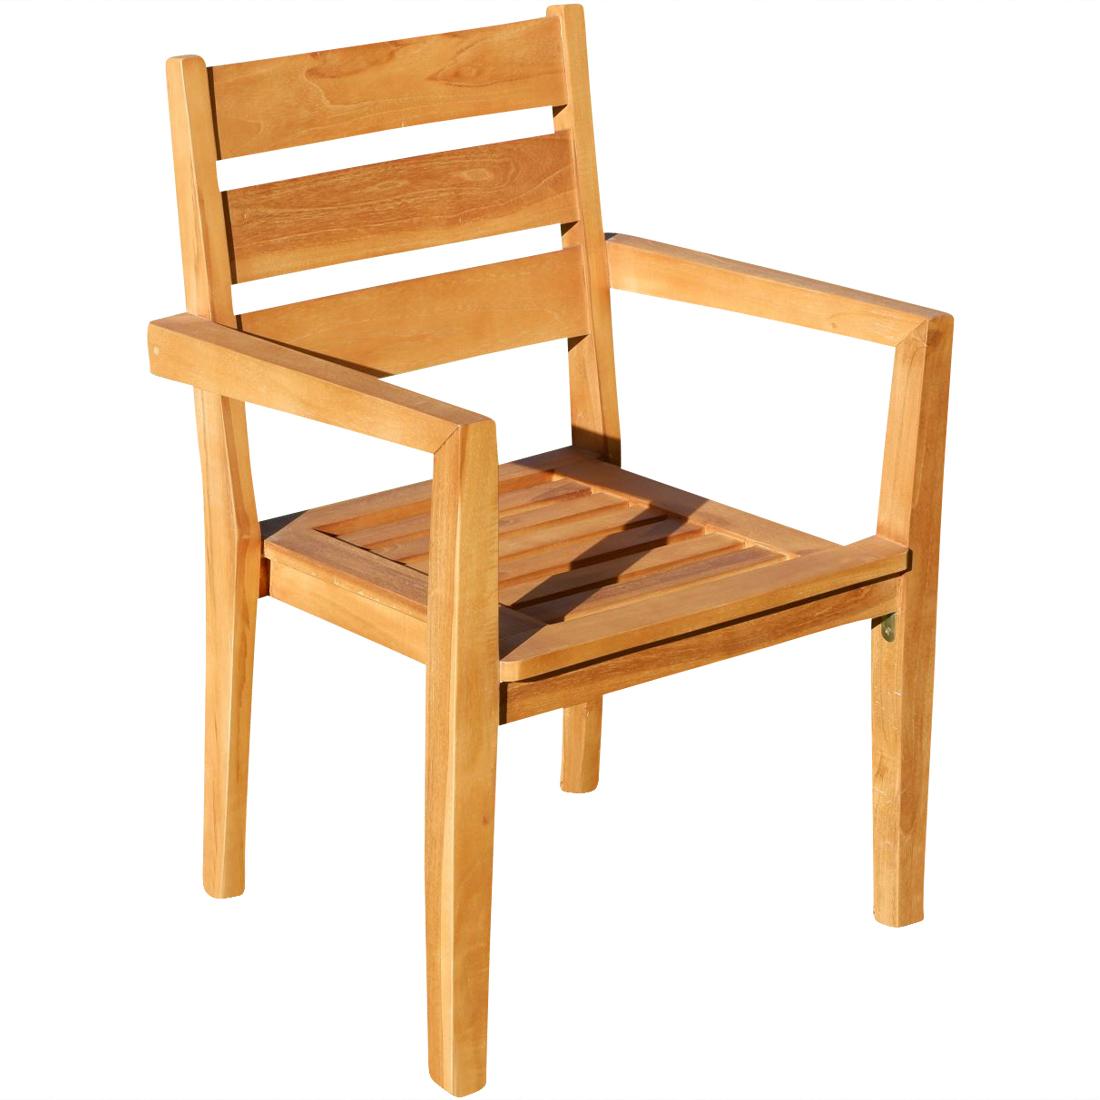 echt teak design gartenstuhl stapelstuhl jav kingston. Black Bedroom Furniture Sets. Home Design Ideas